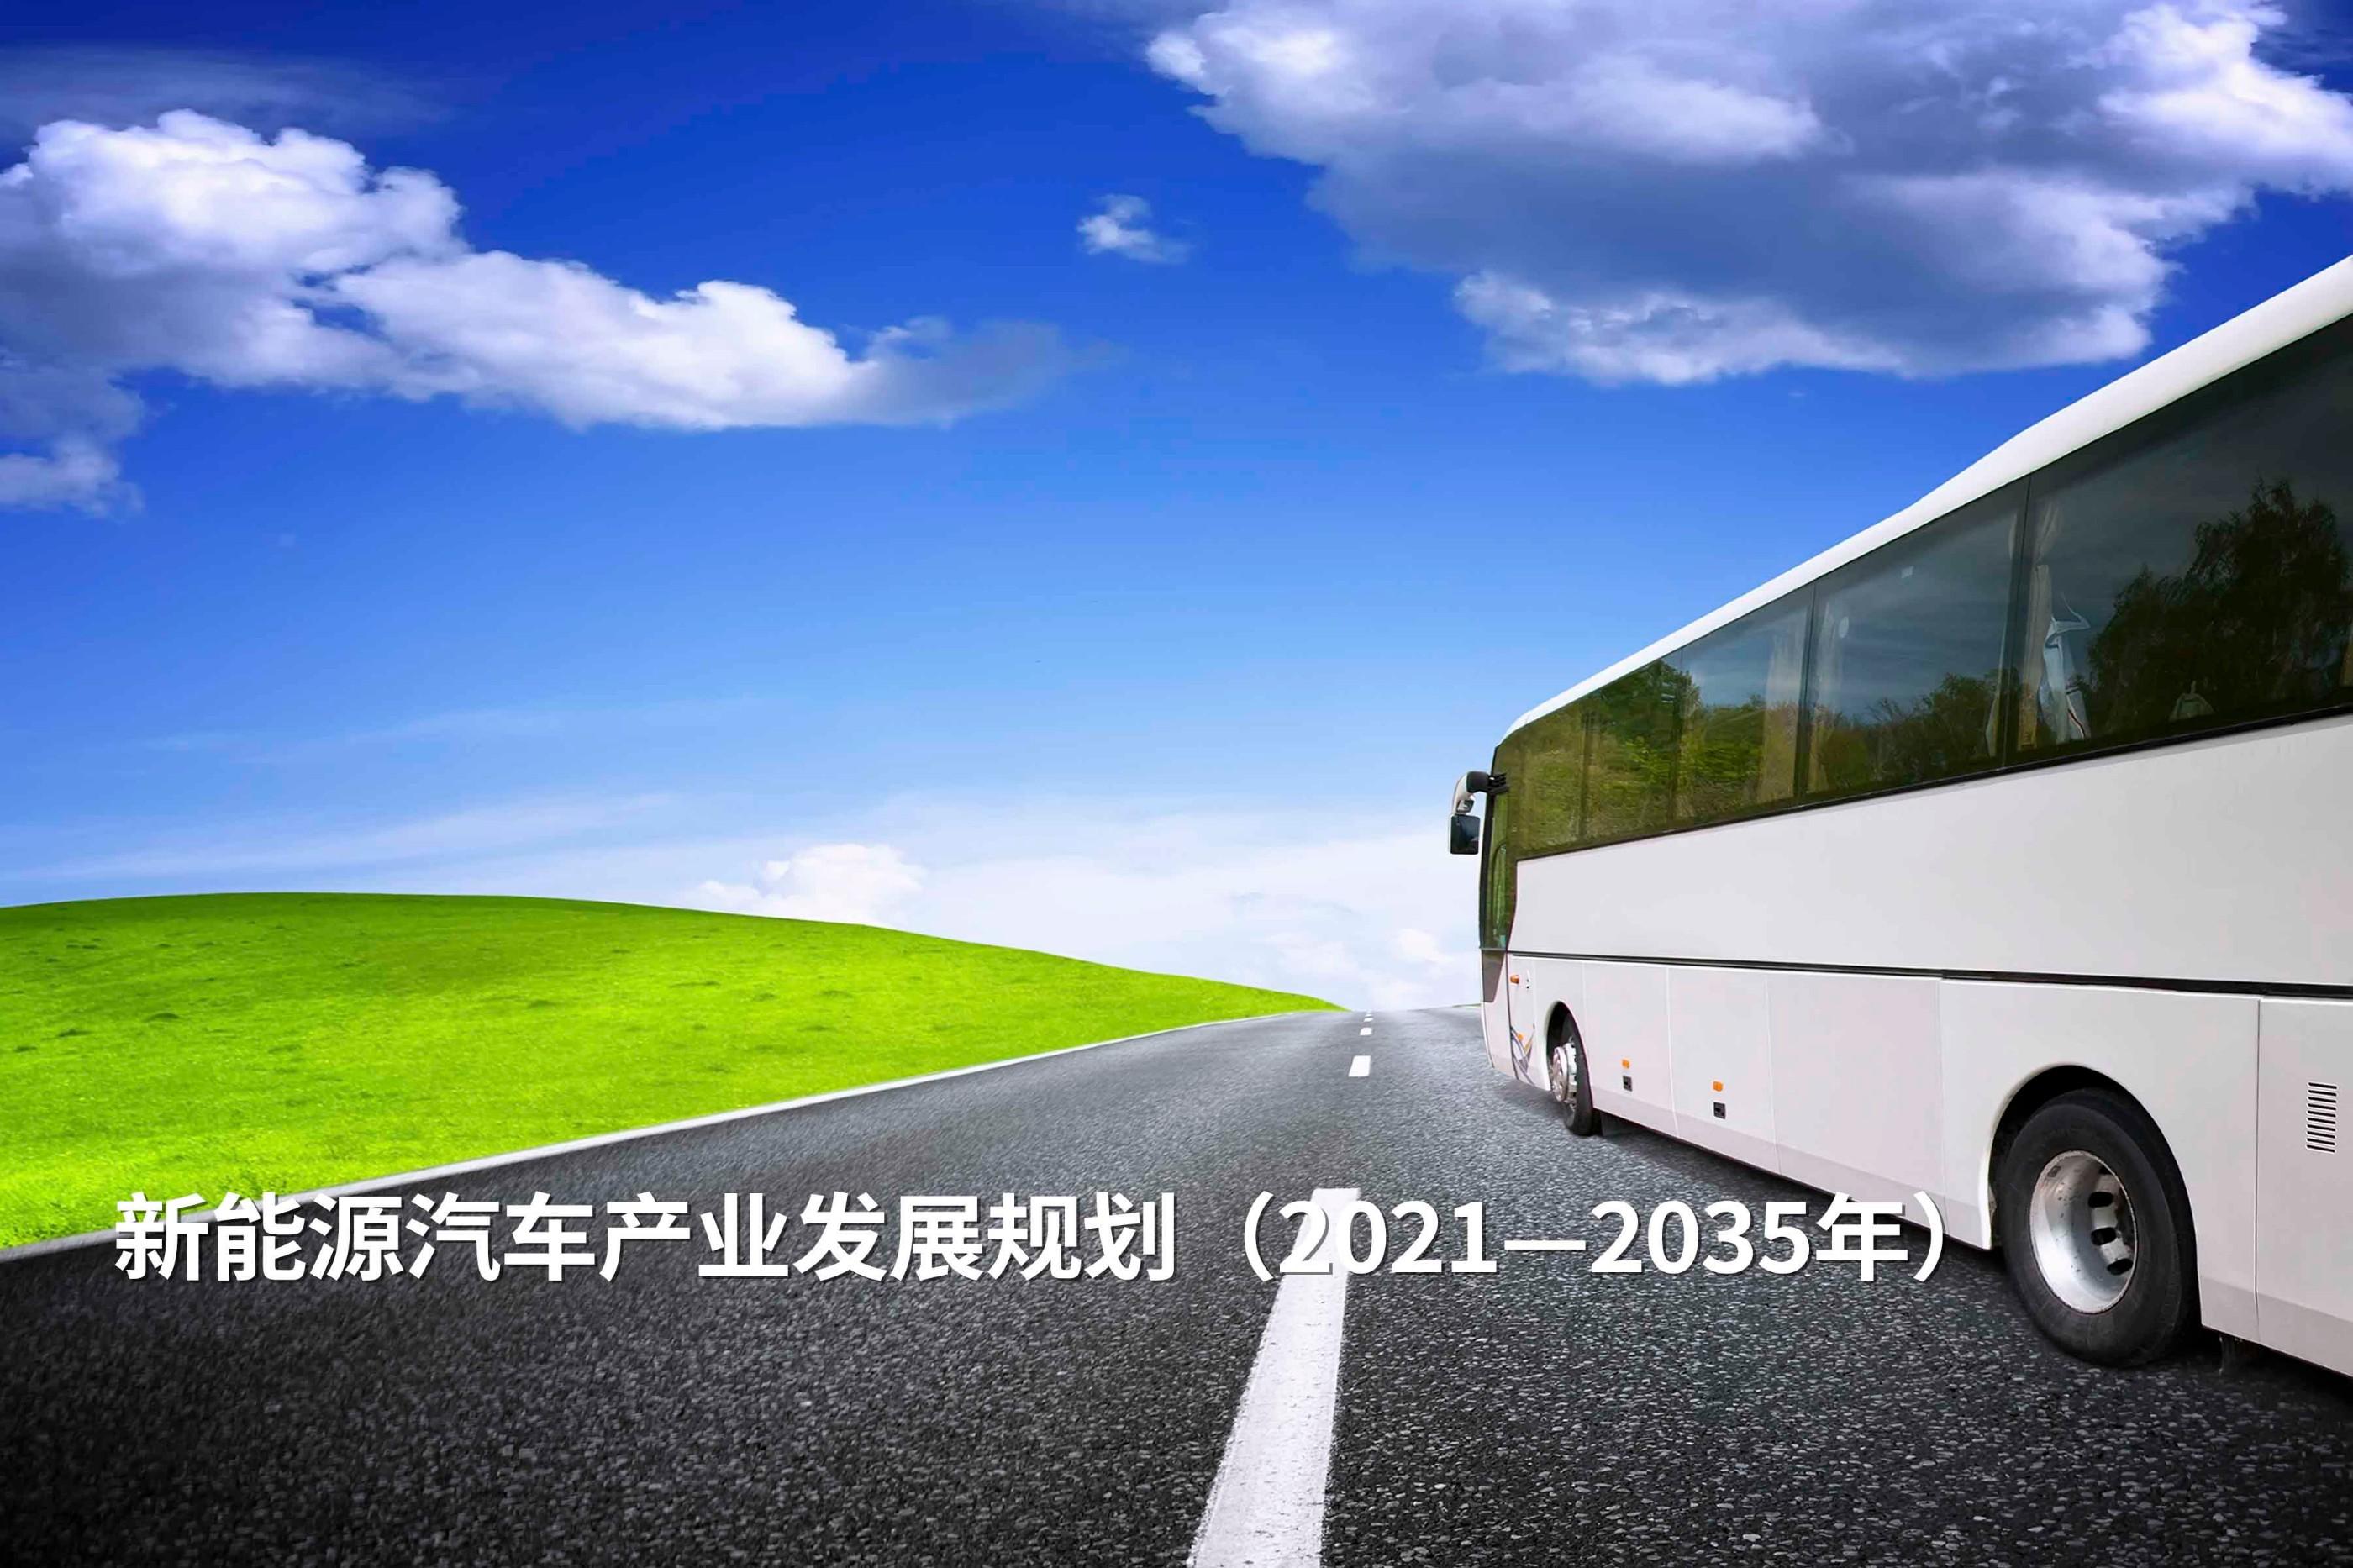 重磅利好 新能源汽车产业发展未来可期